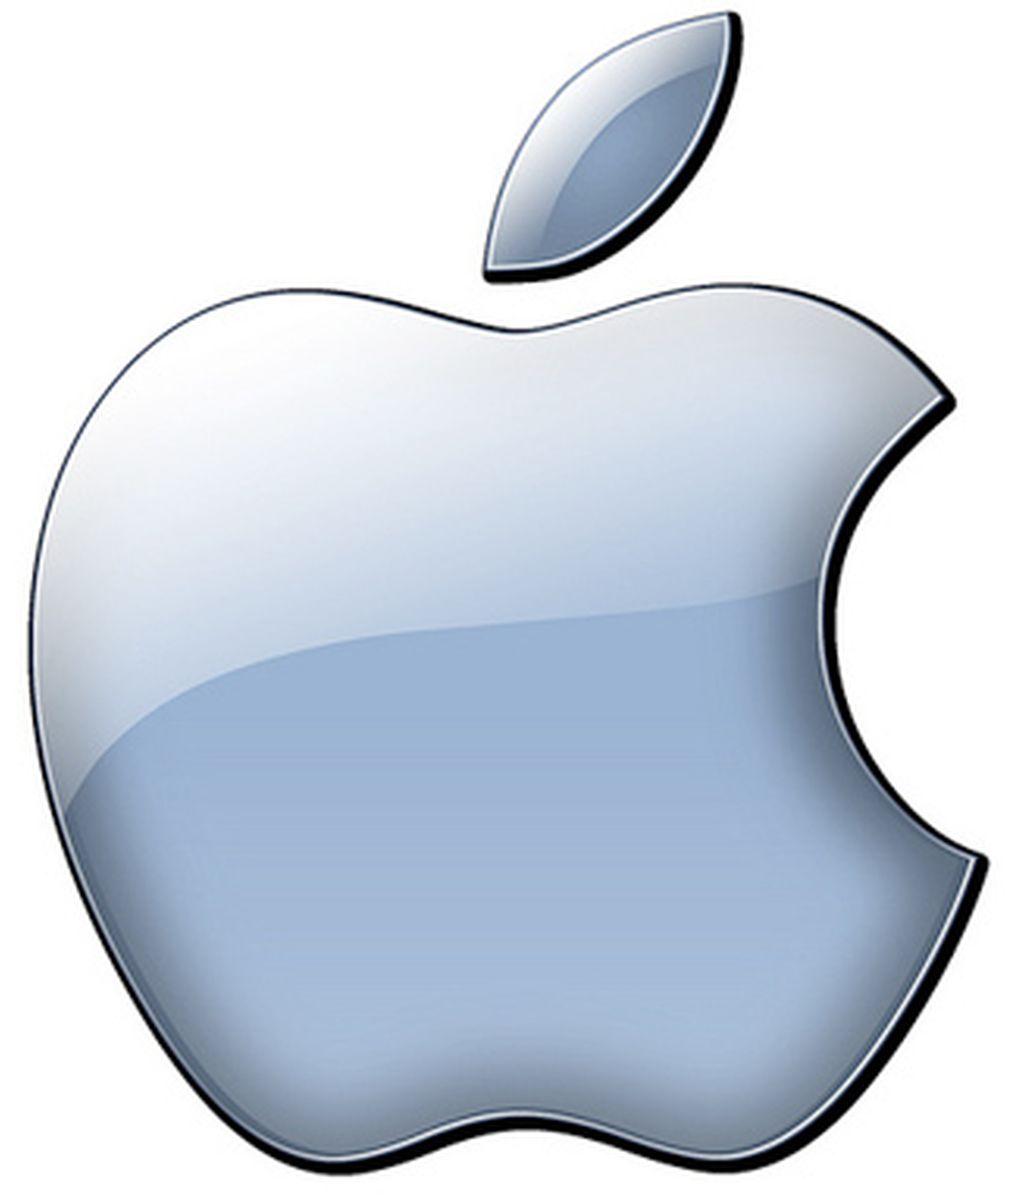 La compañía de la manzana incrementó su valor un 19 % el pasado año hasta alcanzar un valor de 183 mil millones de dólares.